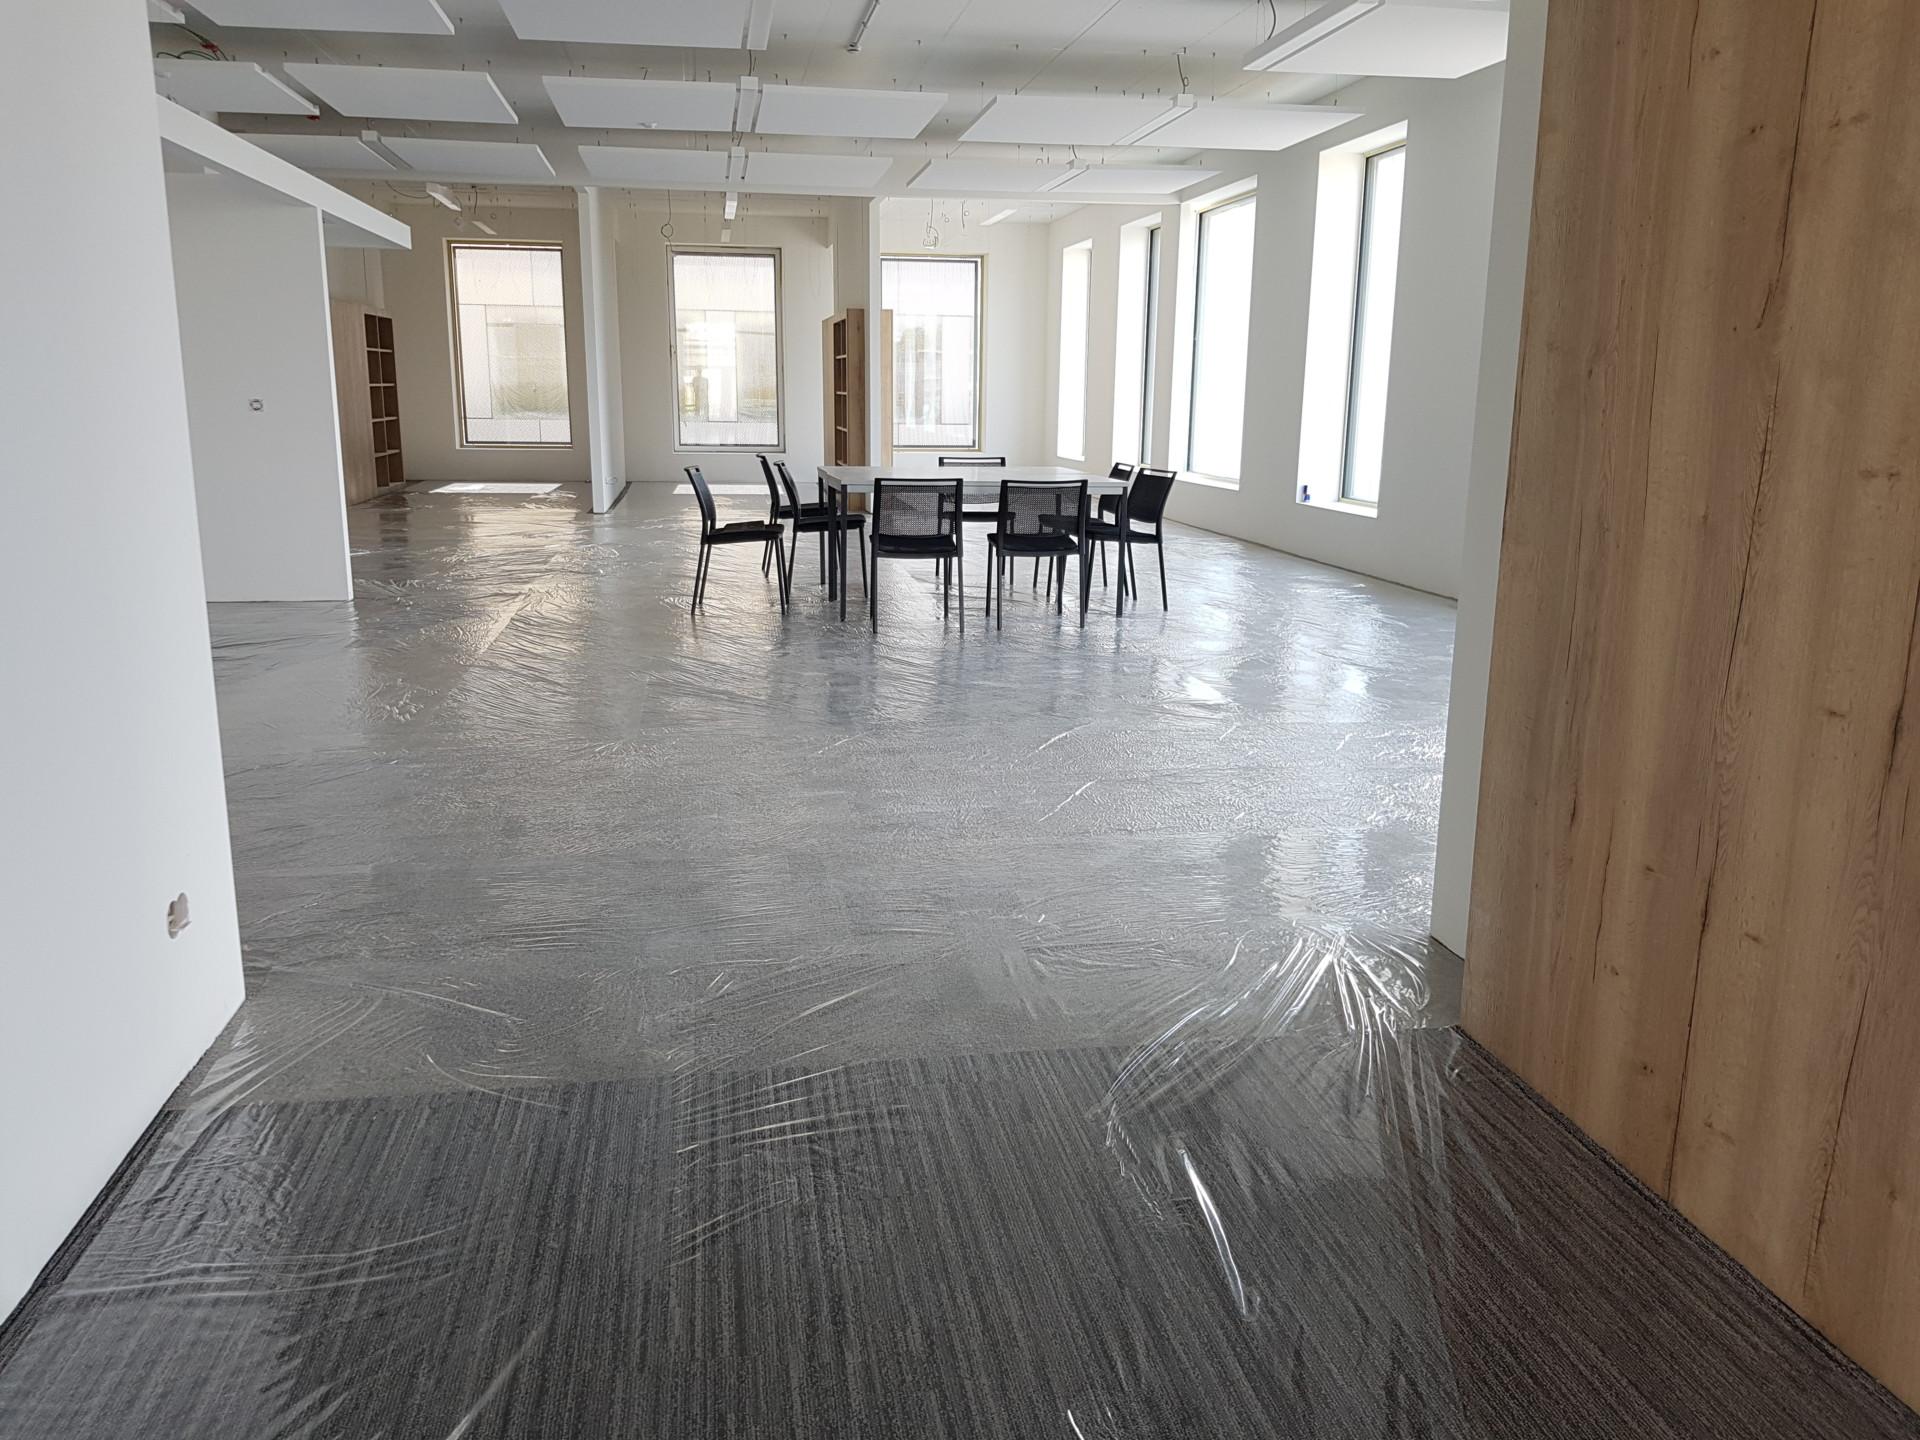 PrimaCover Carpet